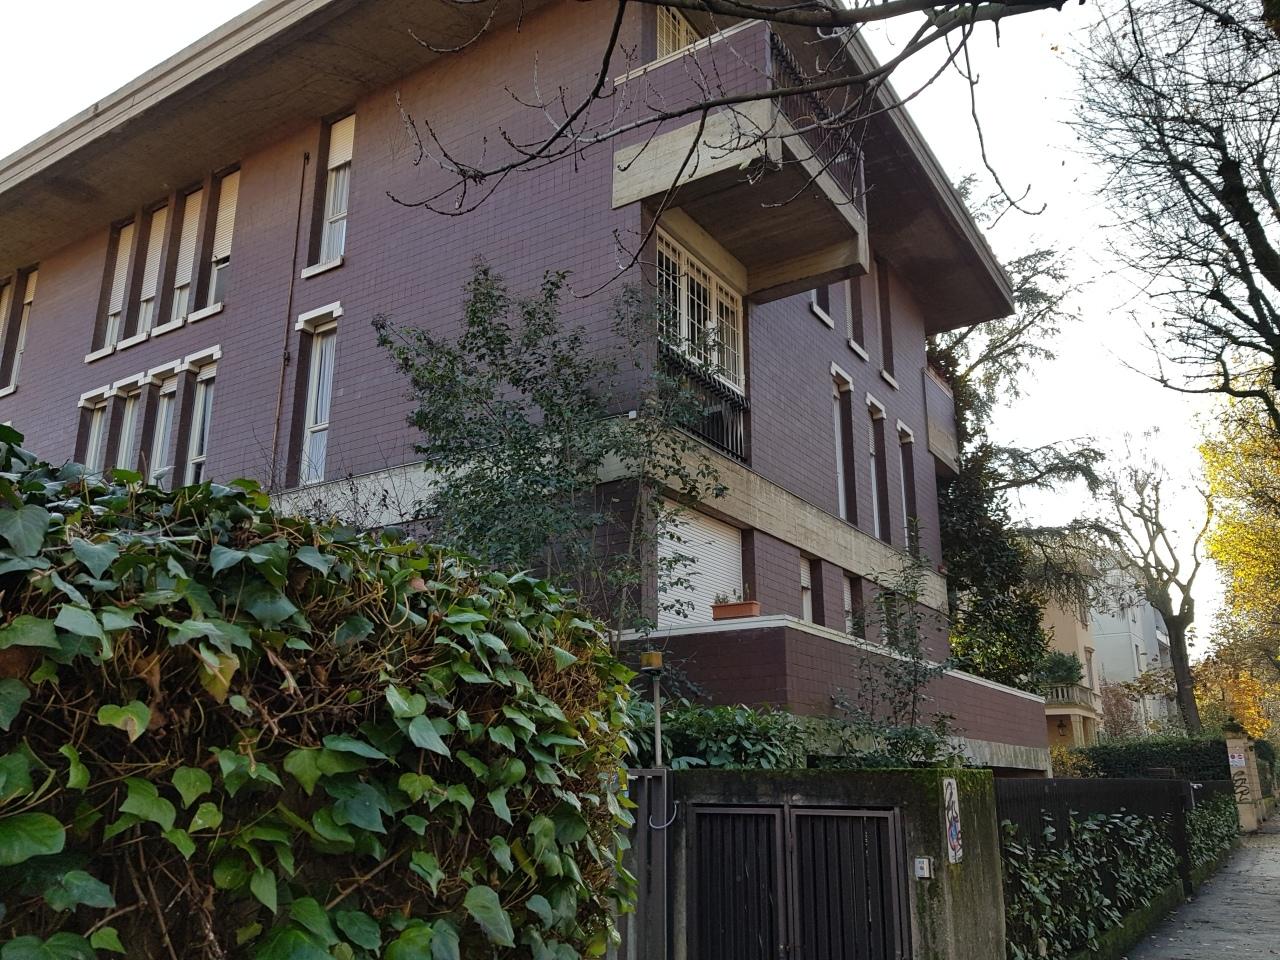 Ufficio in vendita a Bologna (BO)